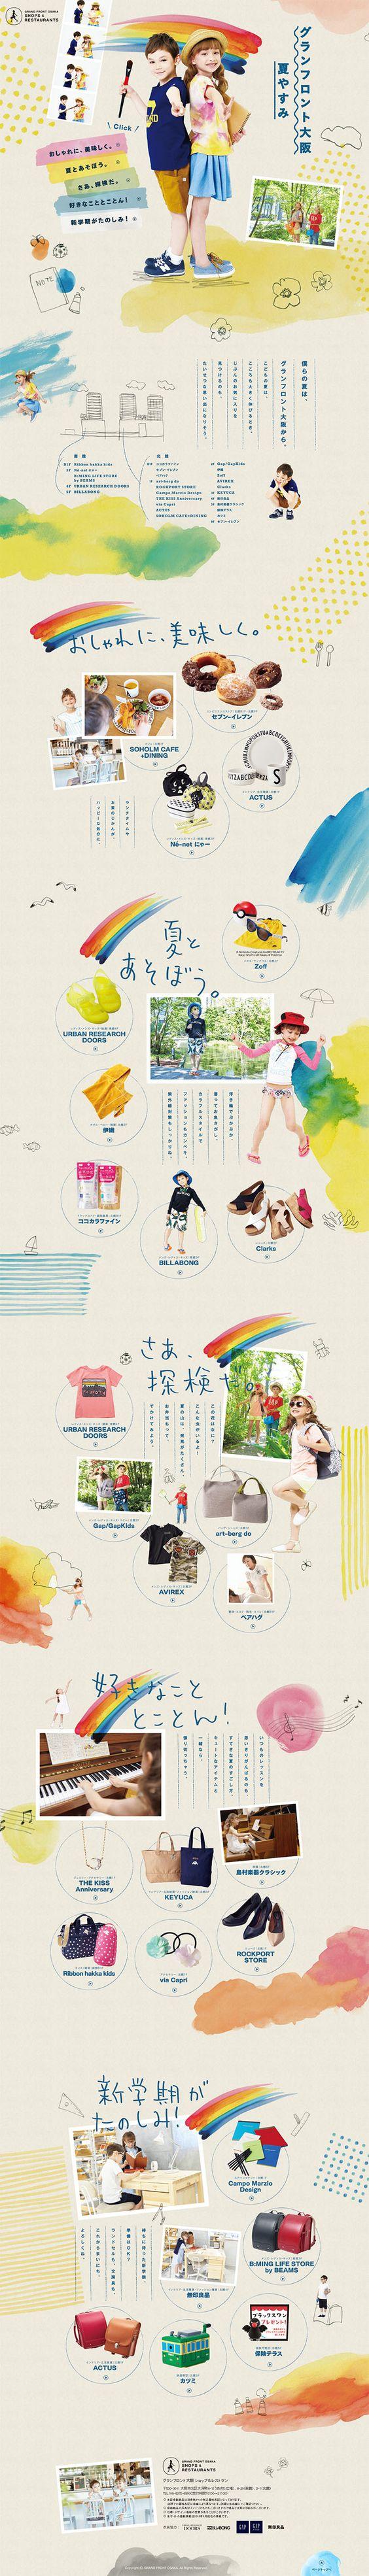 グランフロント大阪夏休み【サービス関連】のLPデザイン。WEBデザイナーさん必見!ランディングページのデザイン参考に(かわいい系)